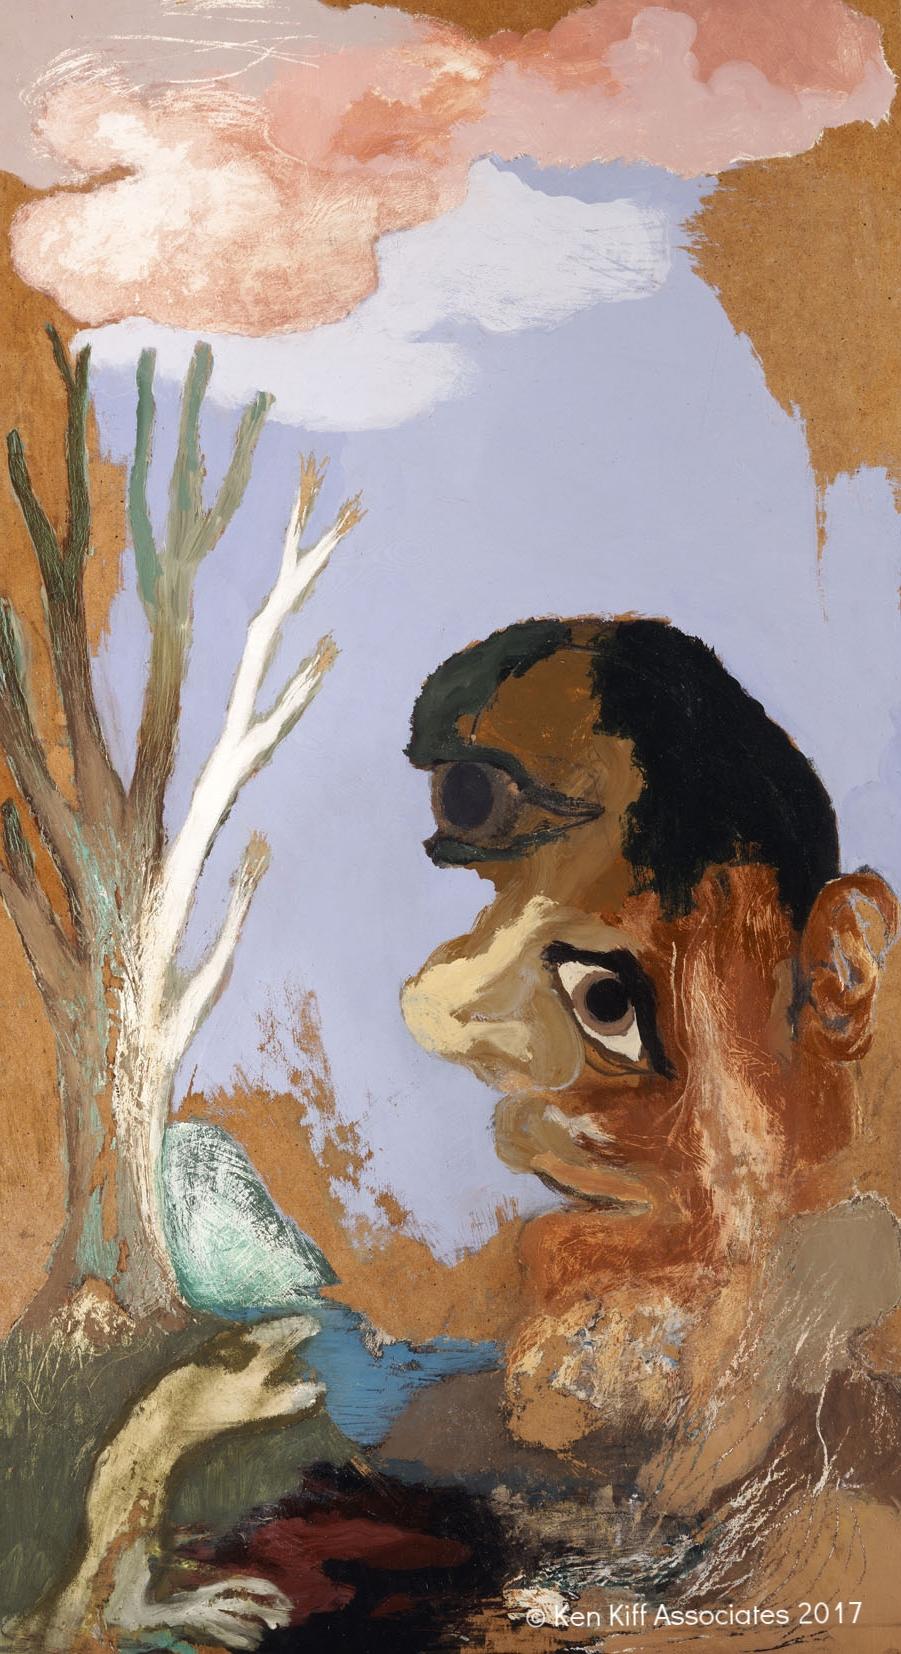 Ken Kiff - White Tree, Large Face